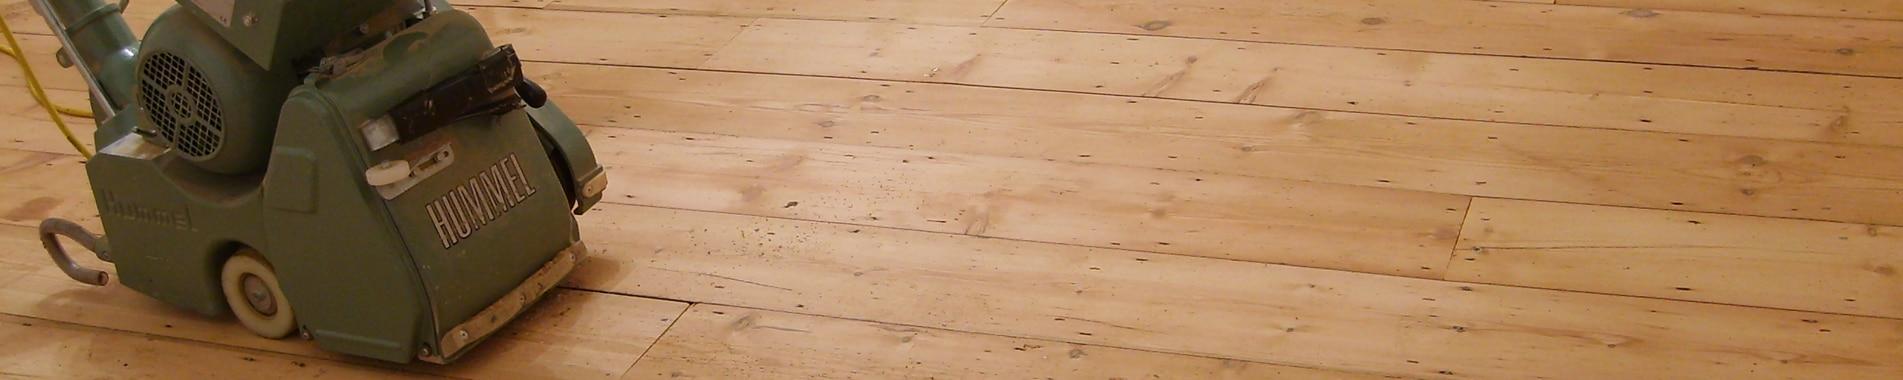 Floor Sanding London Wood Floor Restoration